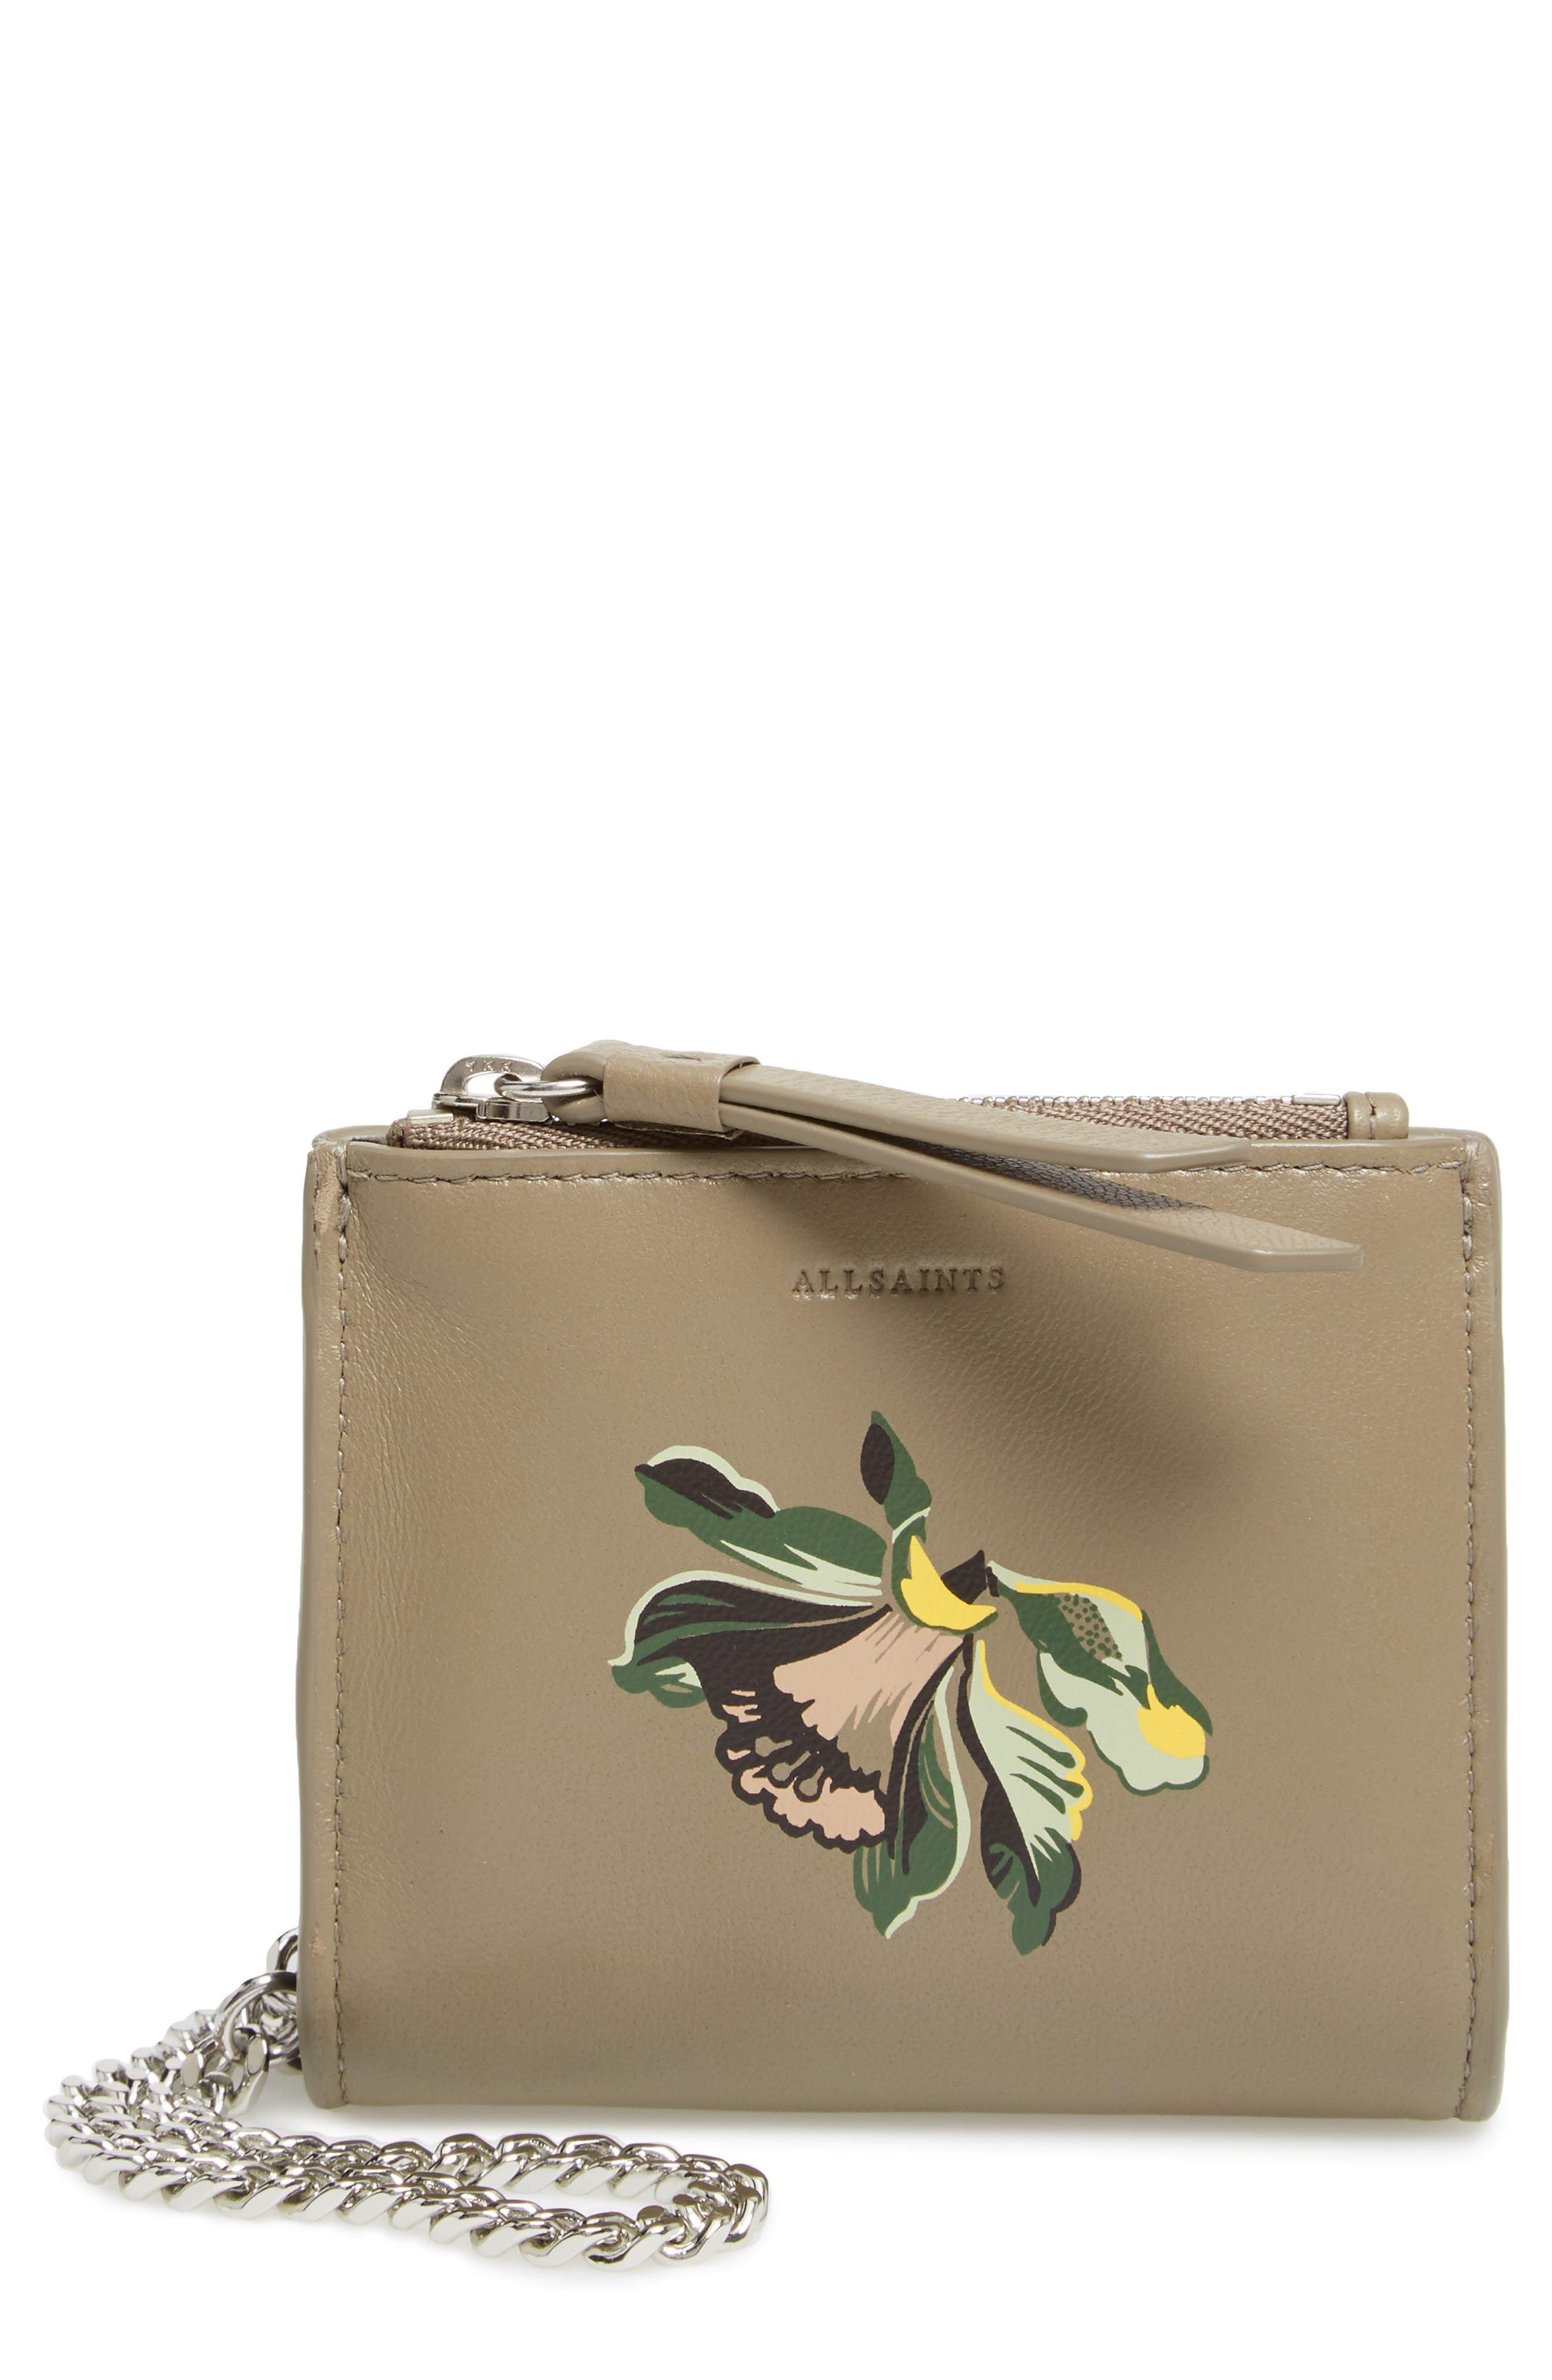 Main Image - ALLSAINTS Flora Leather Wristlet